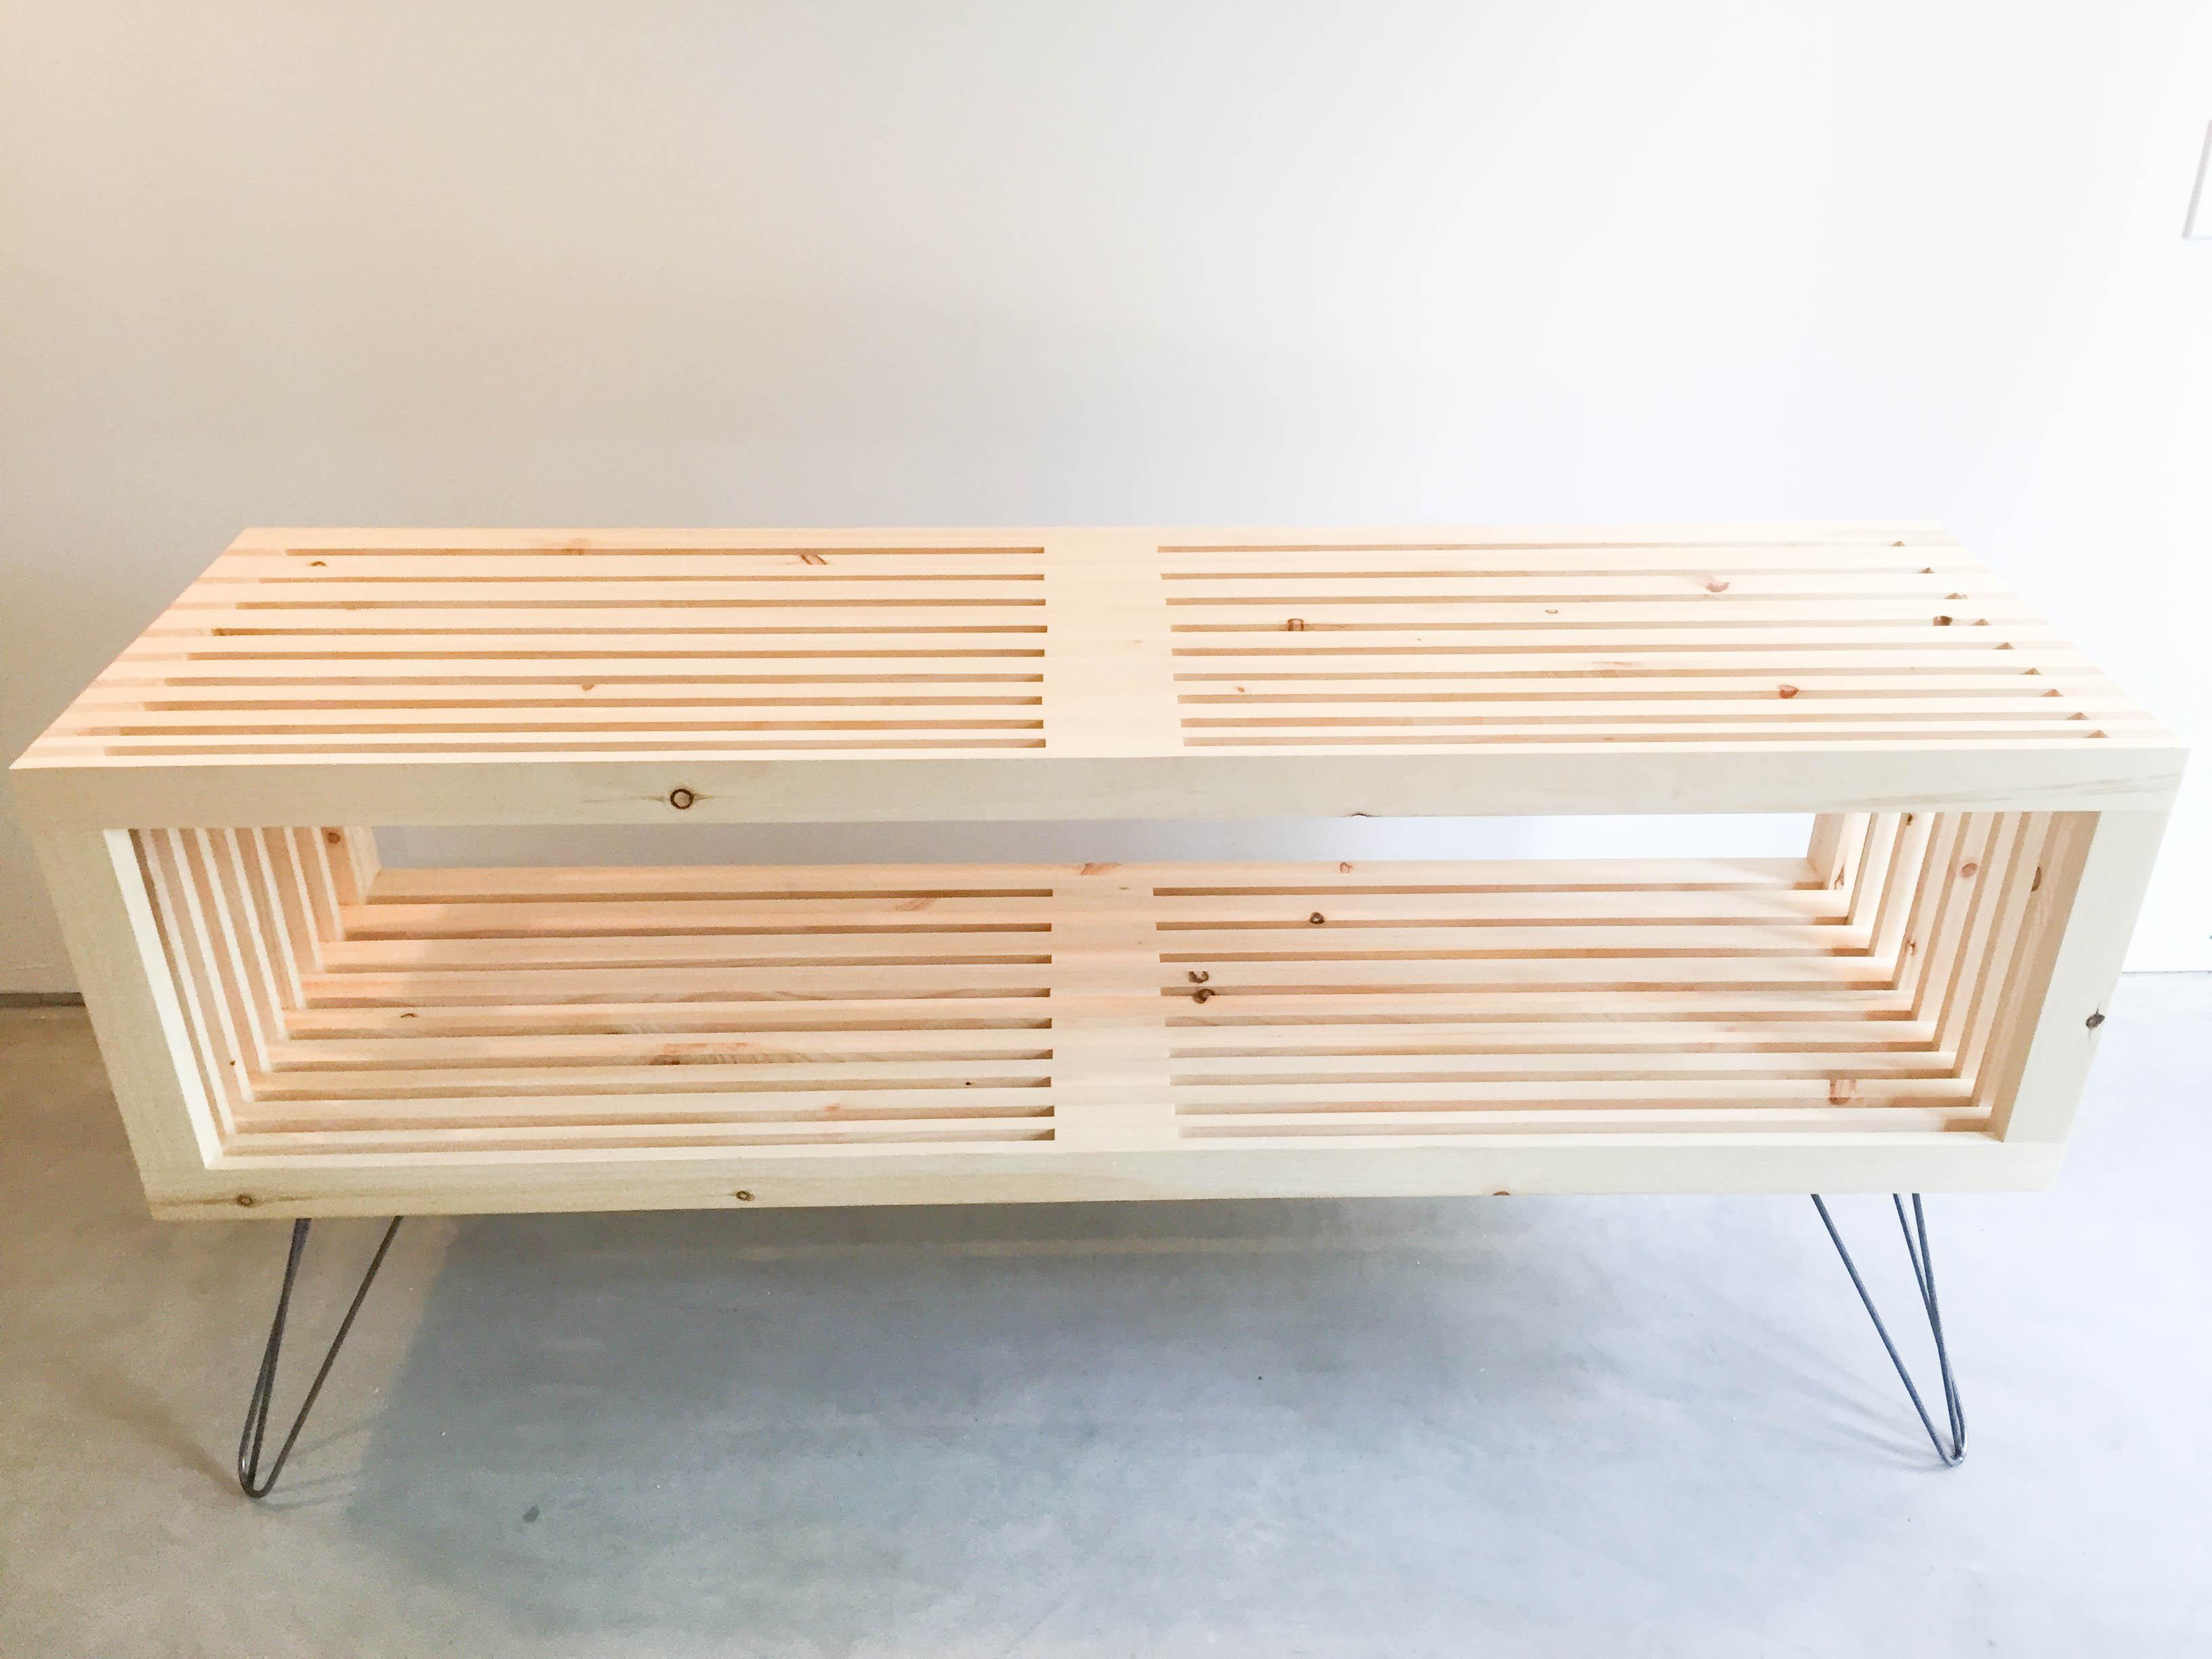 meubles roll 3-7